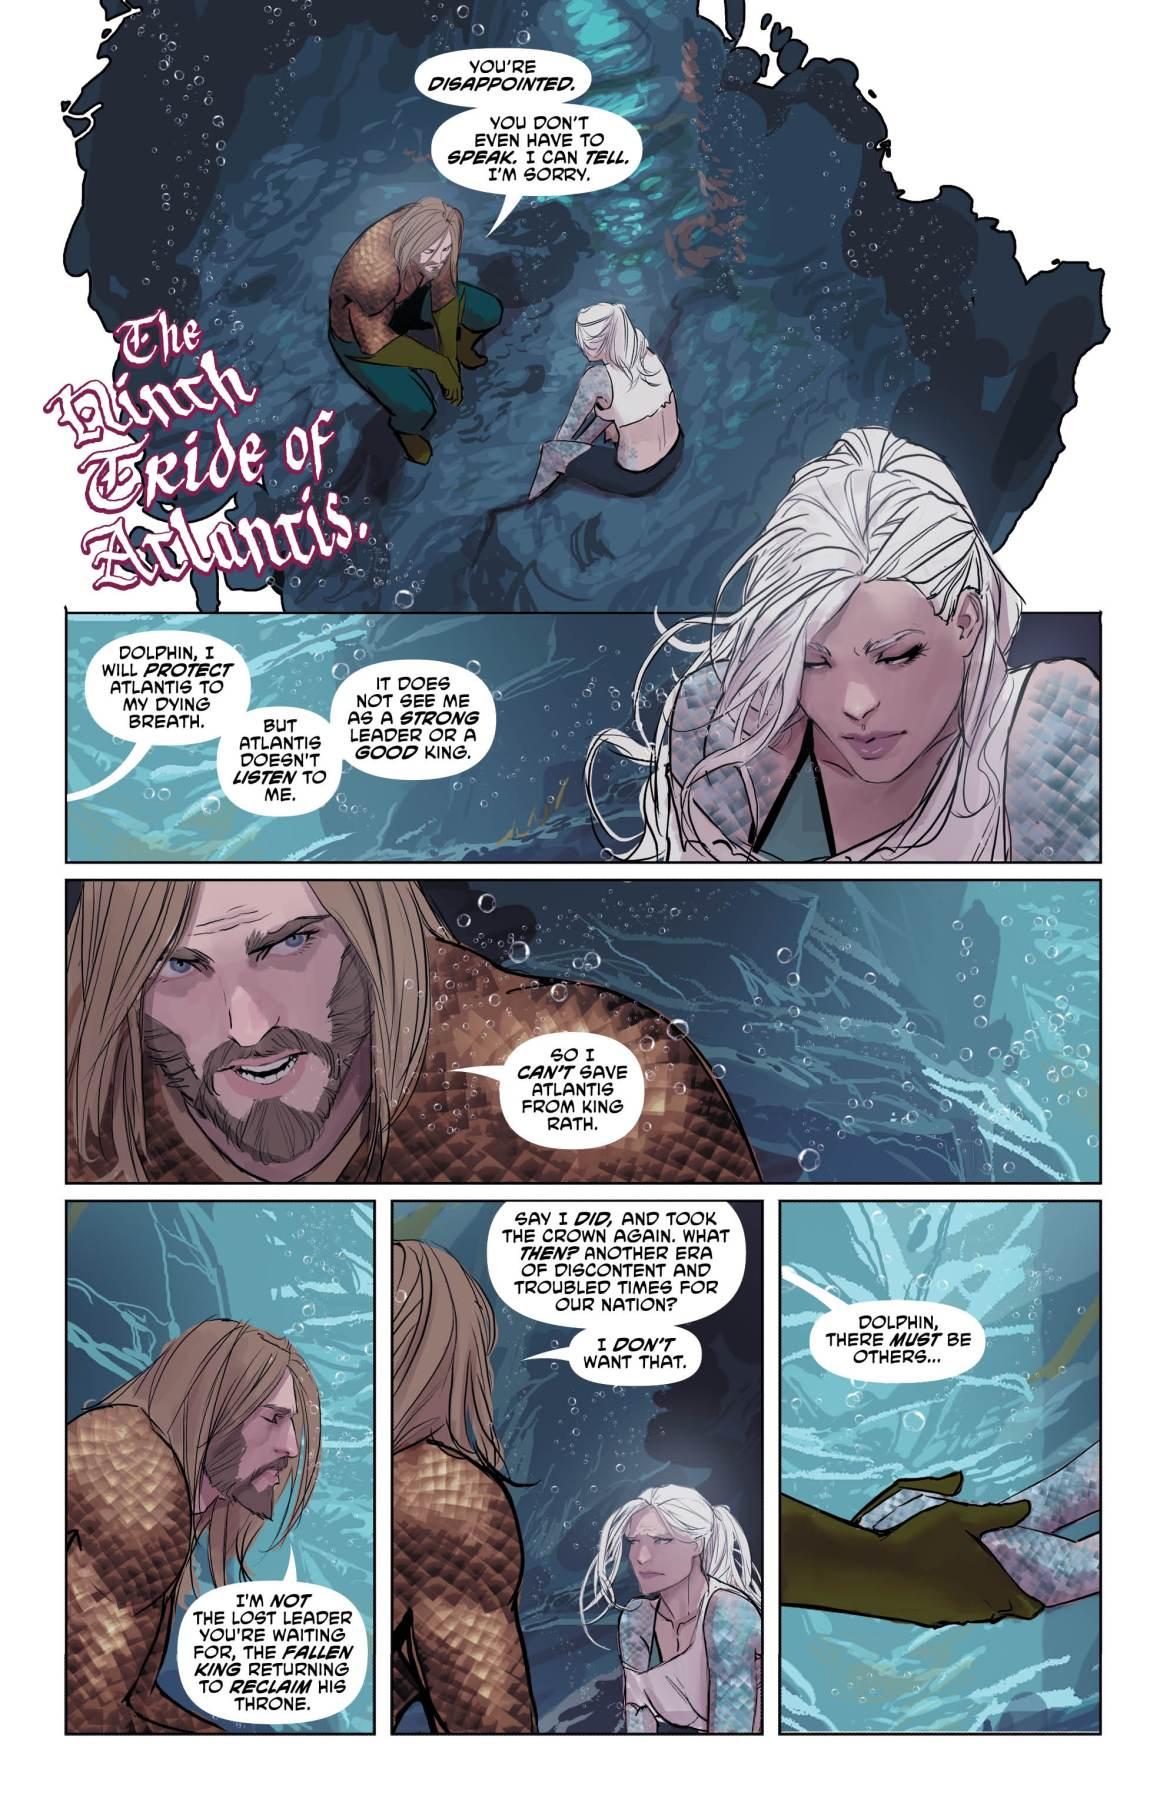 Aquaman 29.1 - DC Comics News